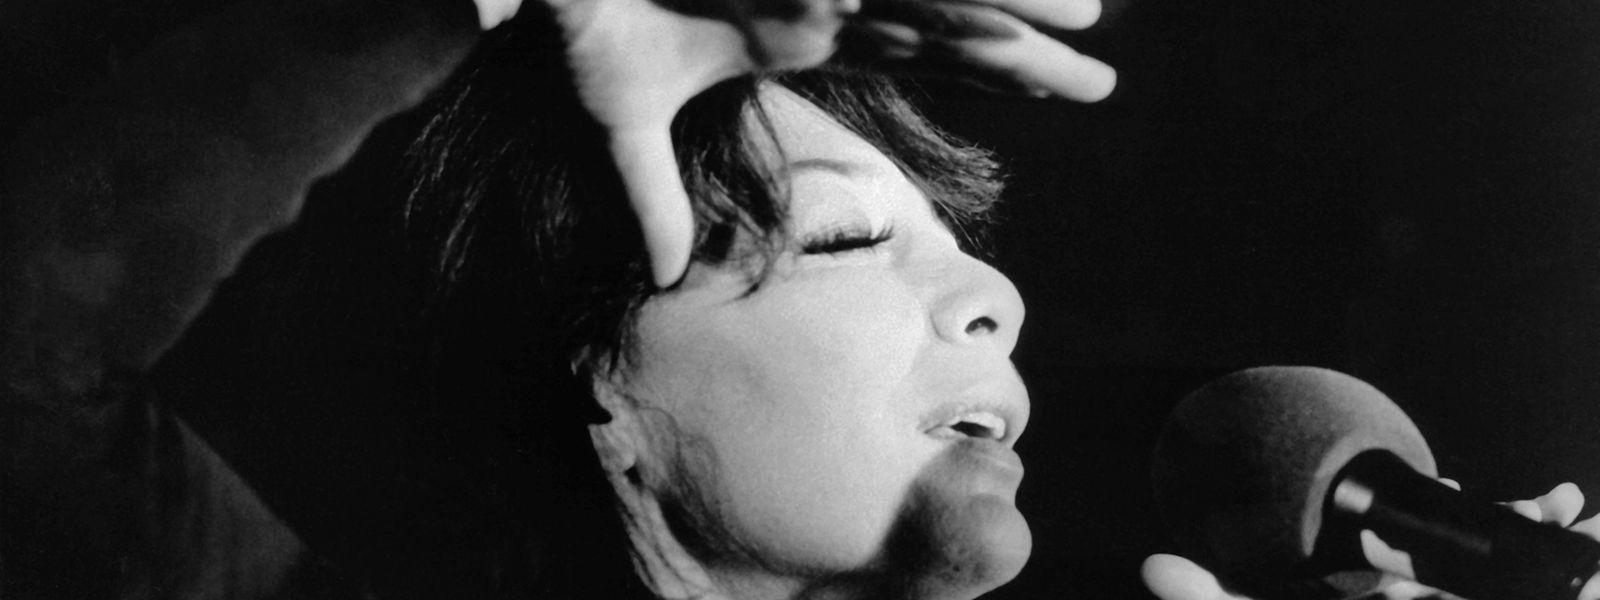 10.10.1973, Köln: Die französische Sängerin und Schauspielerin Juliette Gréco, aufgenommen während eines Auftritts am 10. Oktober 1973 in der Kölner Sporthalle.